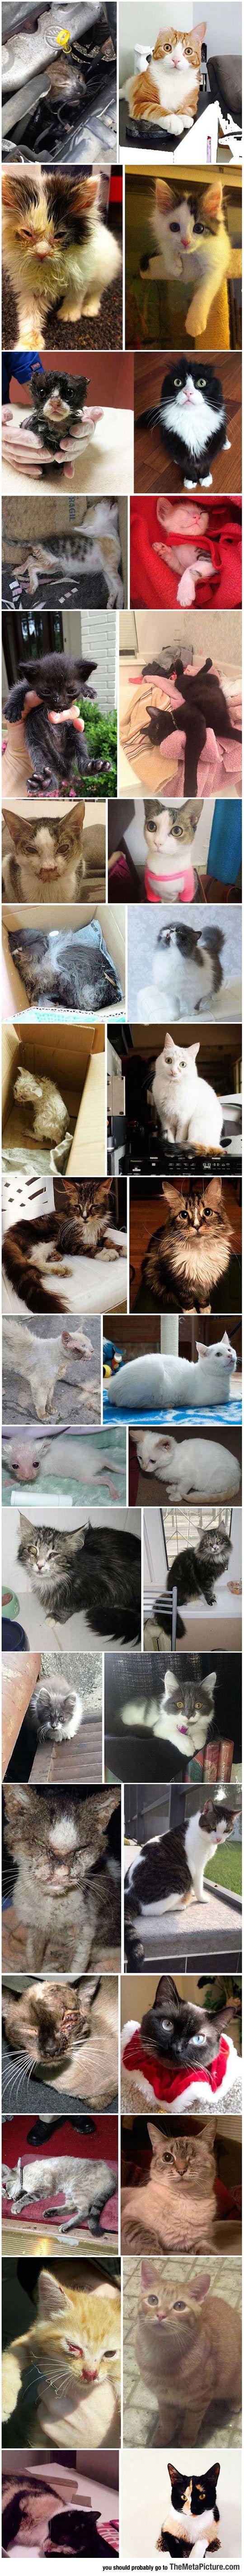 Un  clic pour nos amis les animaux en détresse  .. Dc26a2a9d638ac6c96d0f1ae319937fd